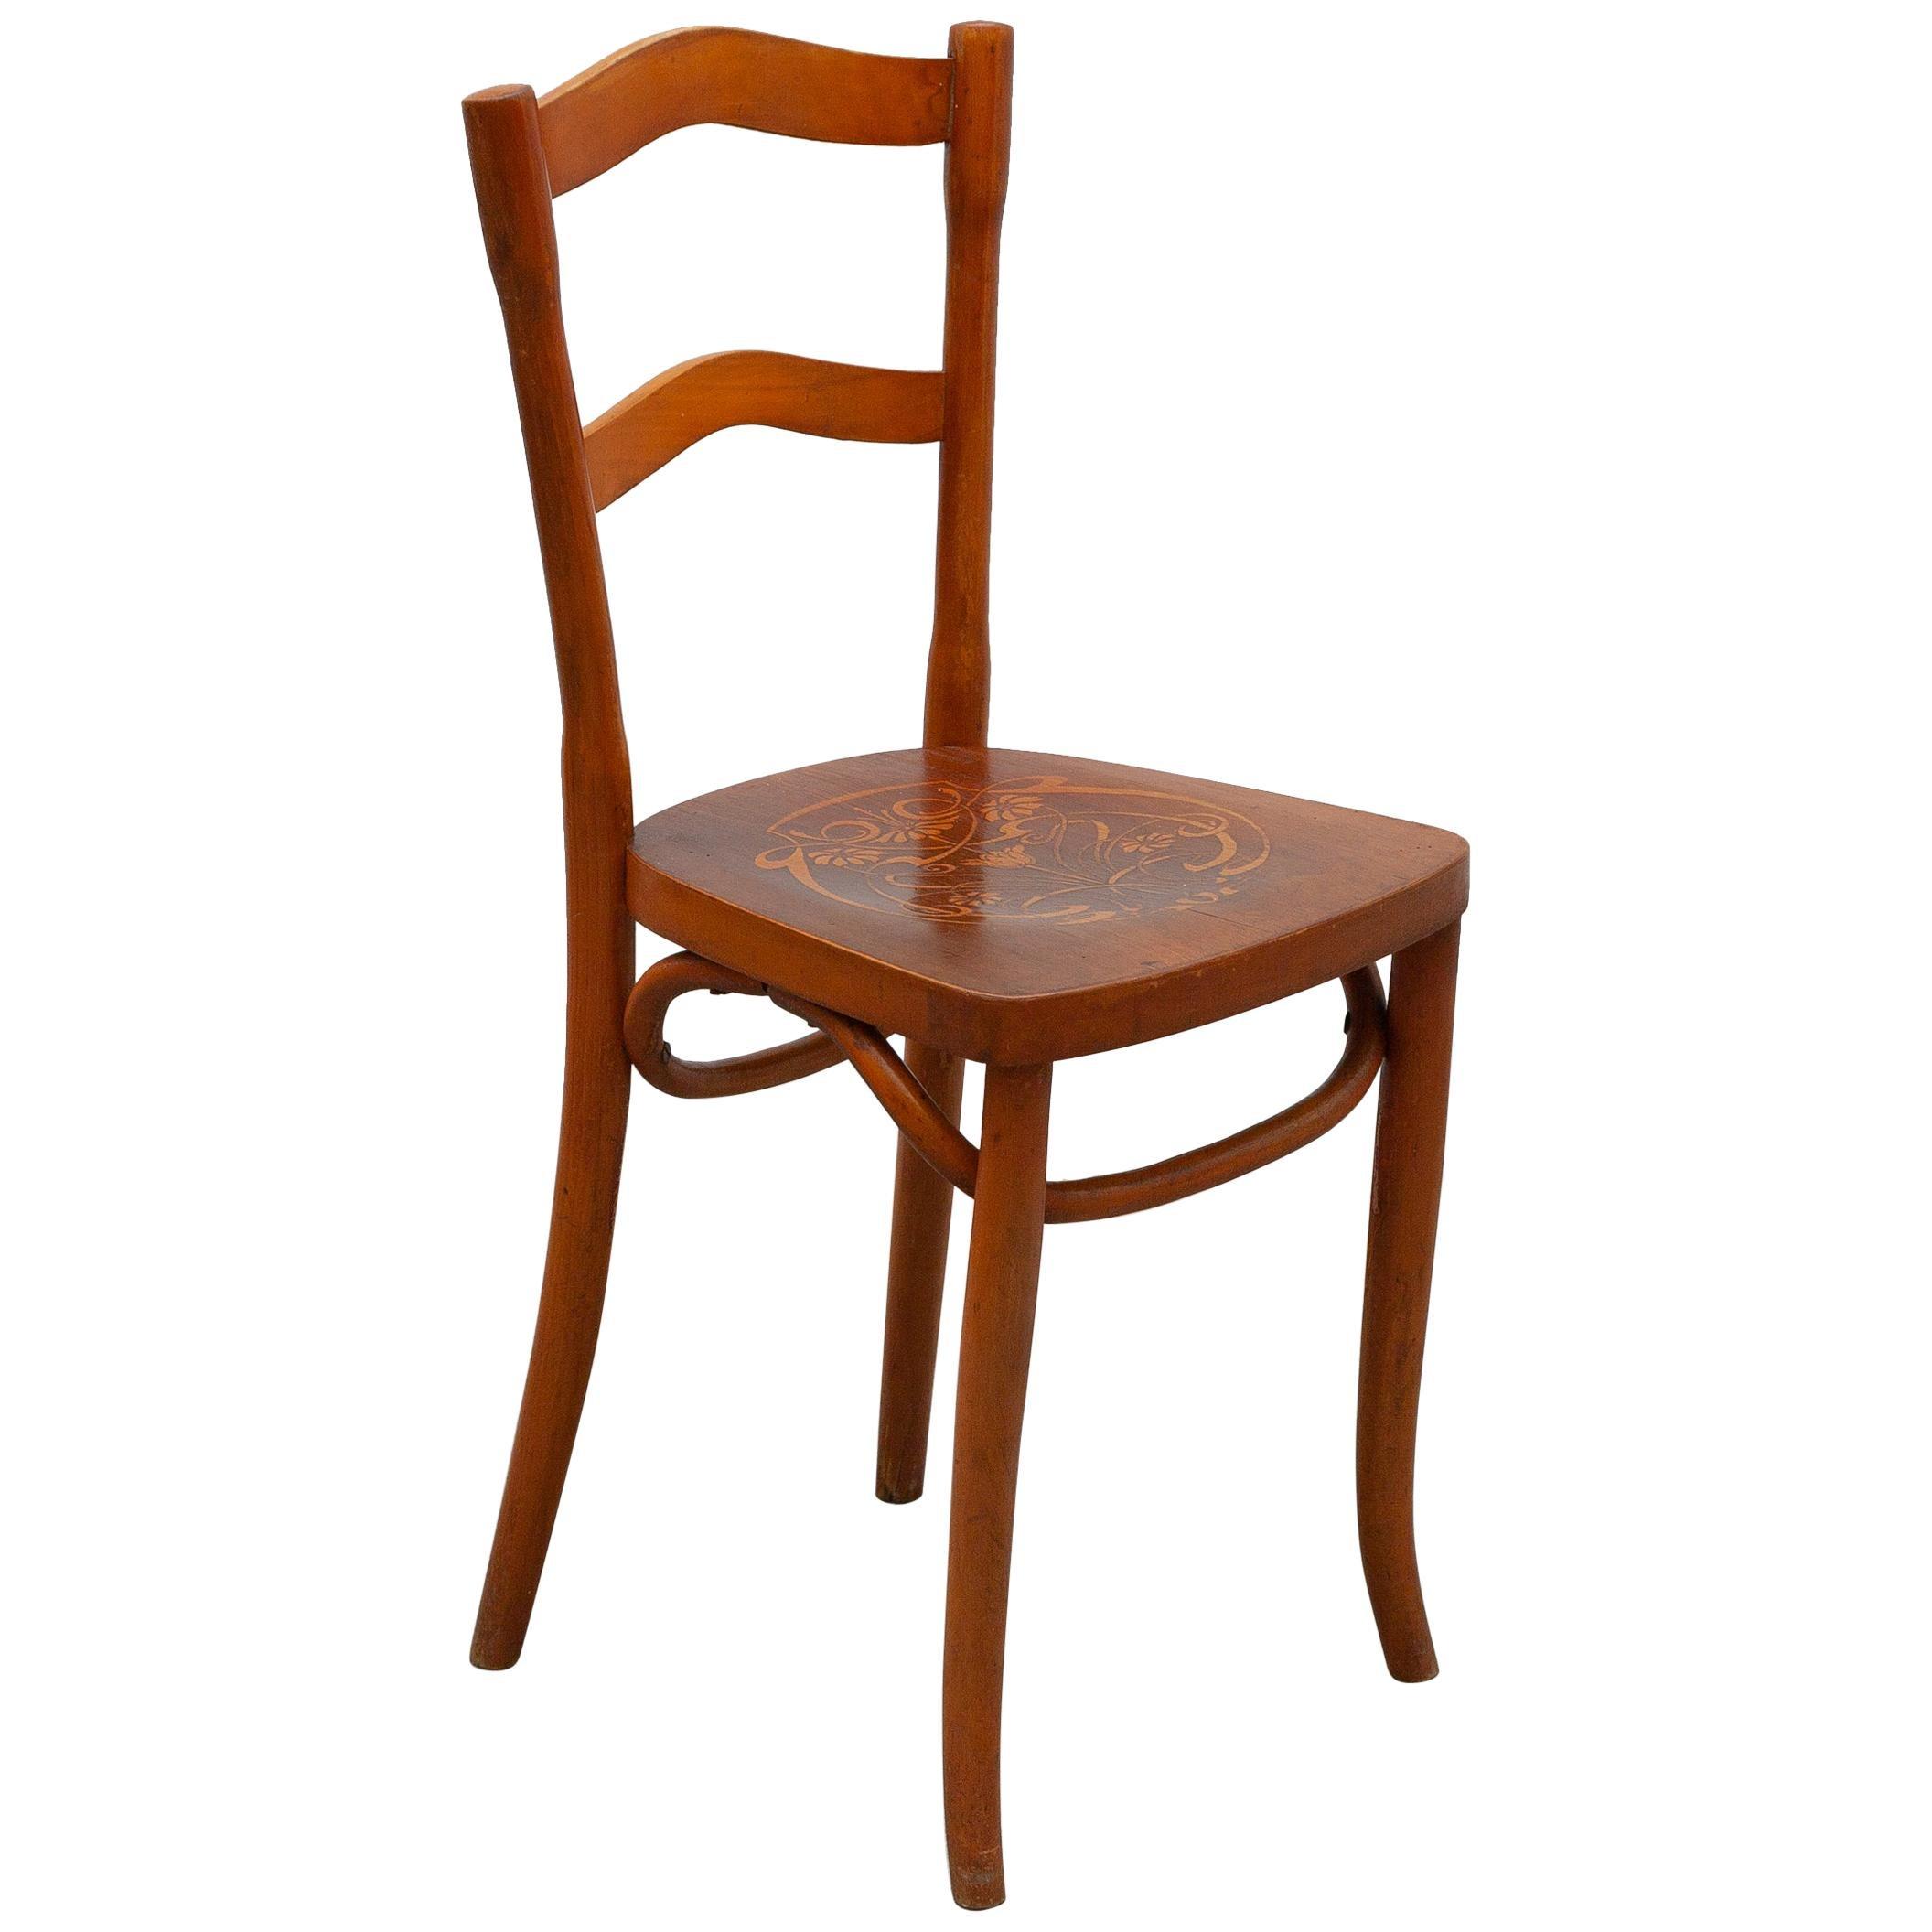 Art Nouveau Side Chair Designed by Thonet, Austria, 1910